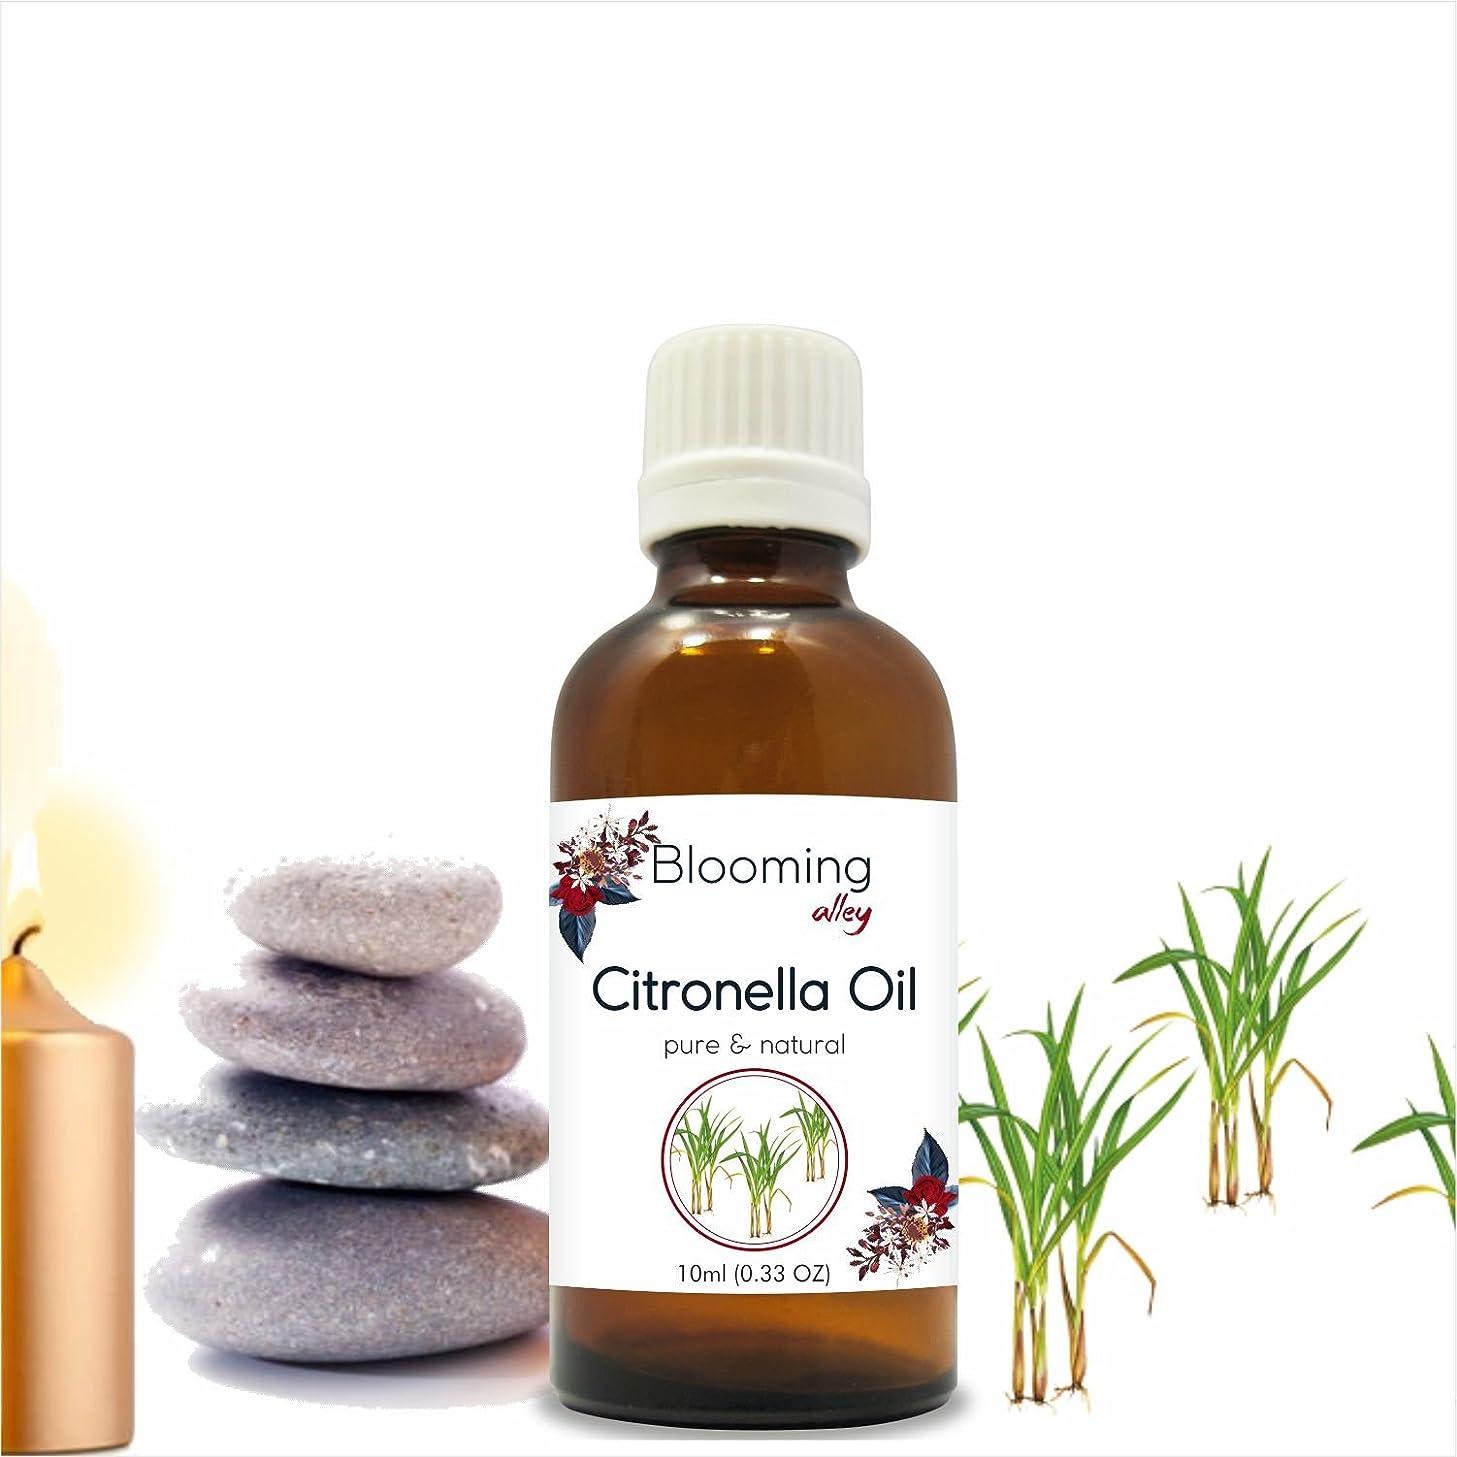 夜間排除する志すCitronella Oil (Cymbopogon Nardus) Essential Oil 10 ml or 0.33 Fl Oz by Blooming Alley